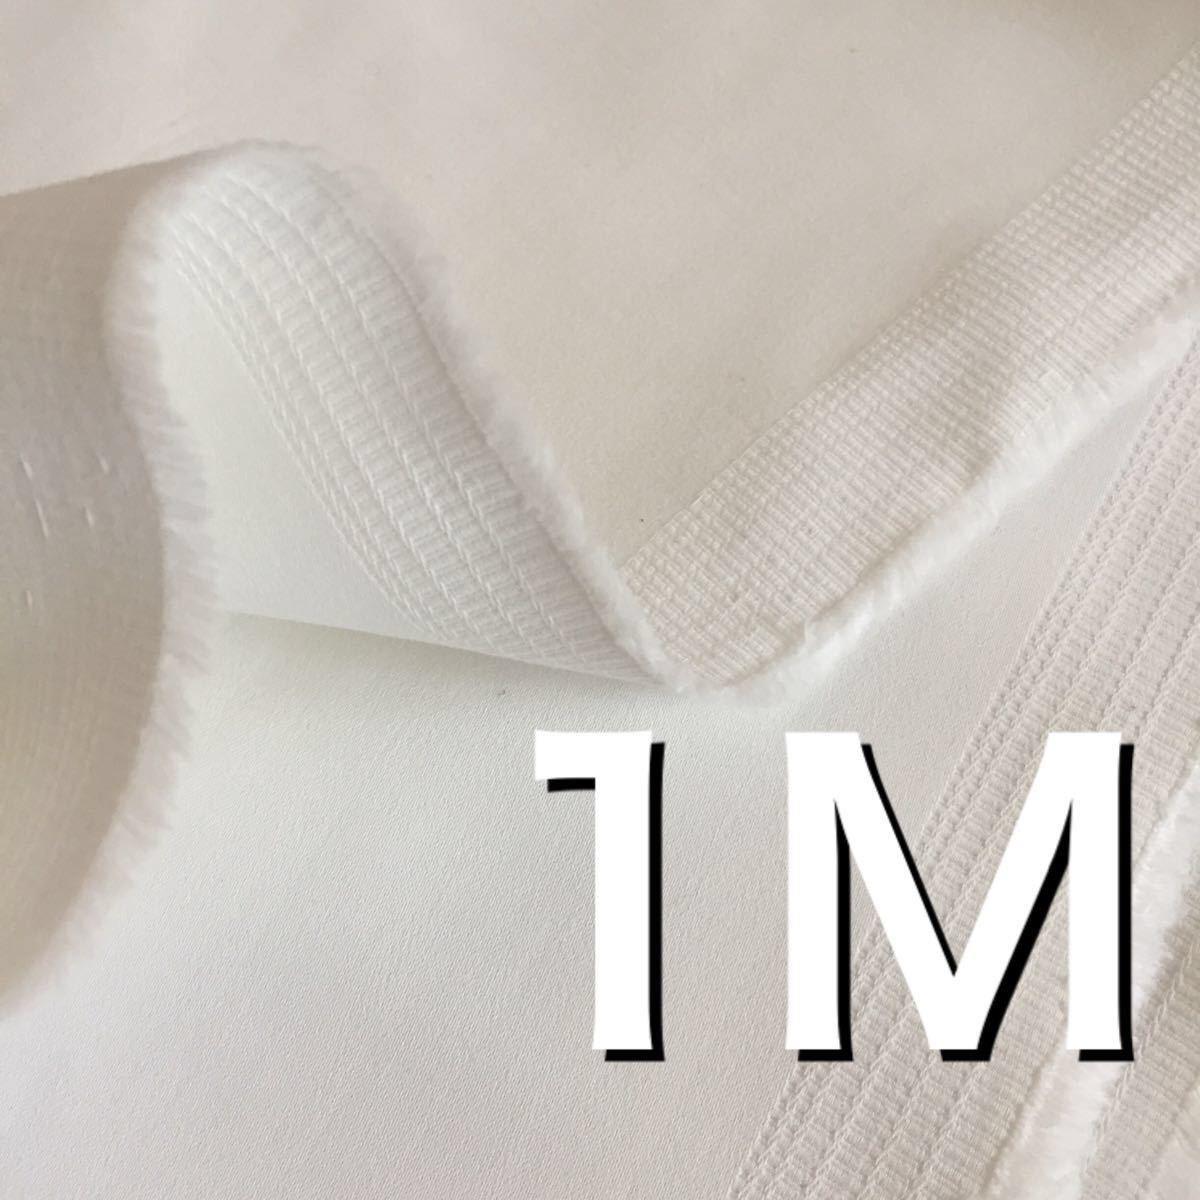 生地☆白無地 100cm×100cm 1M はぎれ 綿 ポリ系 布 ホワイト